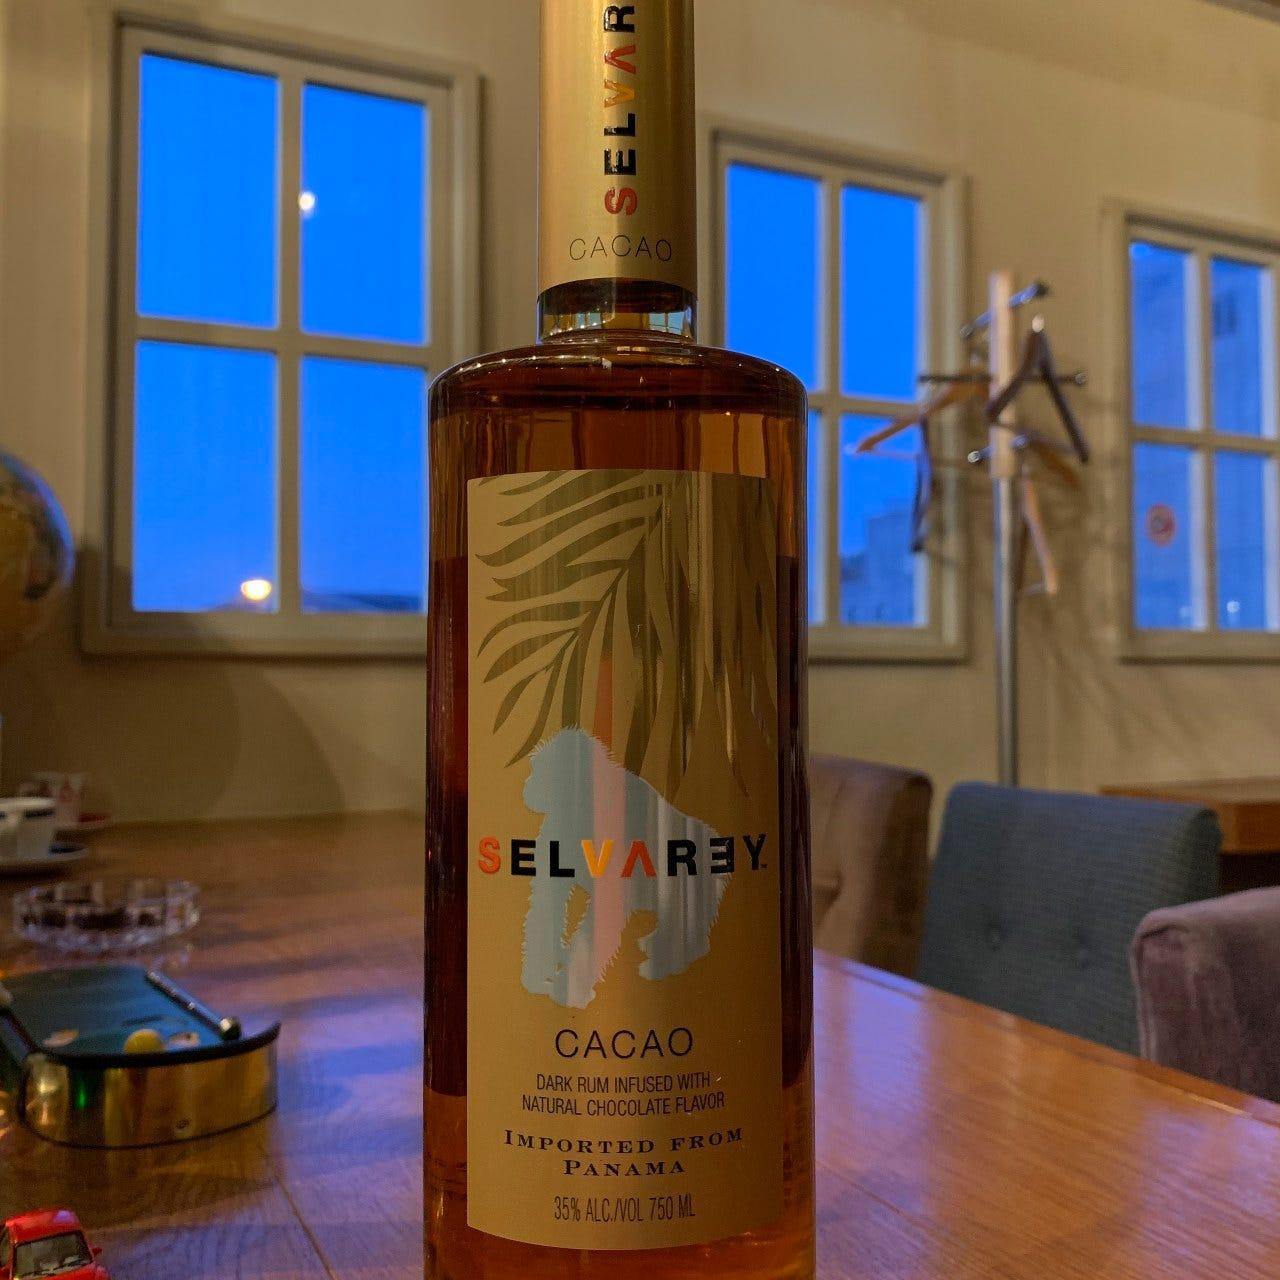 日本全国はもちろん海外のお客様が教えてくれた珍しいお酒も